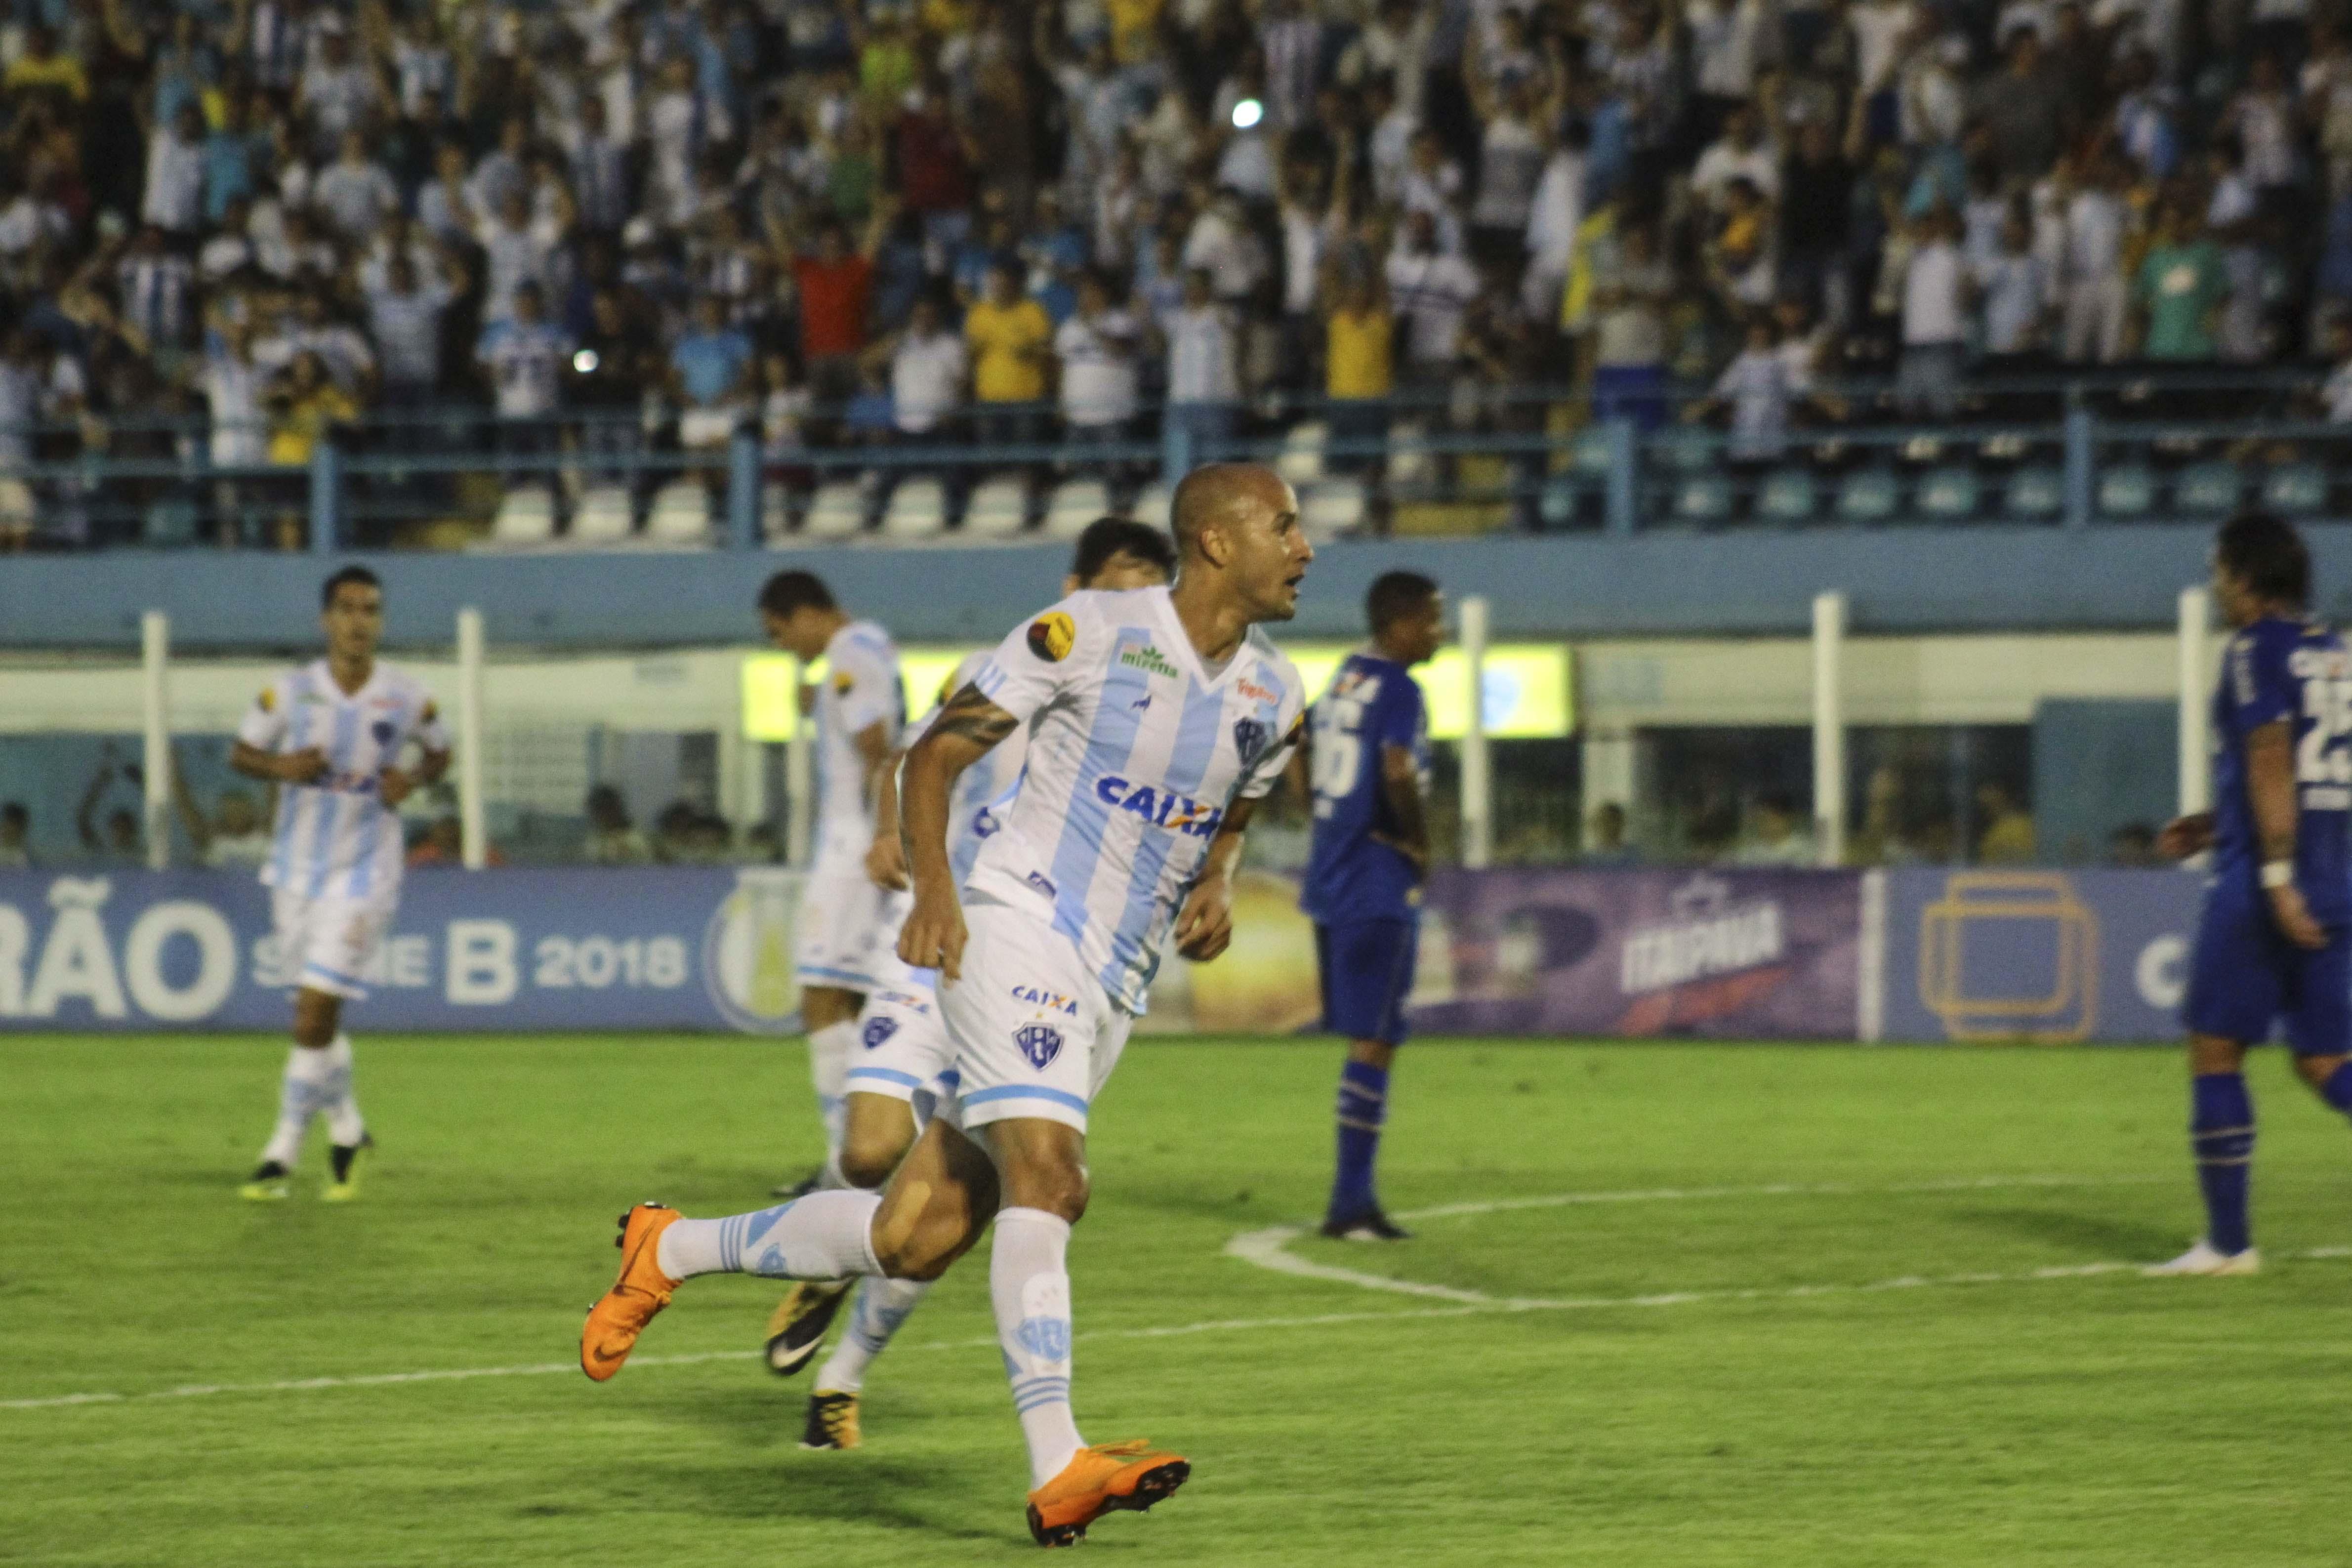 Com histórico de gol contra o Boa Esporte, Hugo Almeida quer manter boa fase no Paysandu